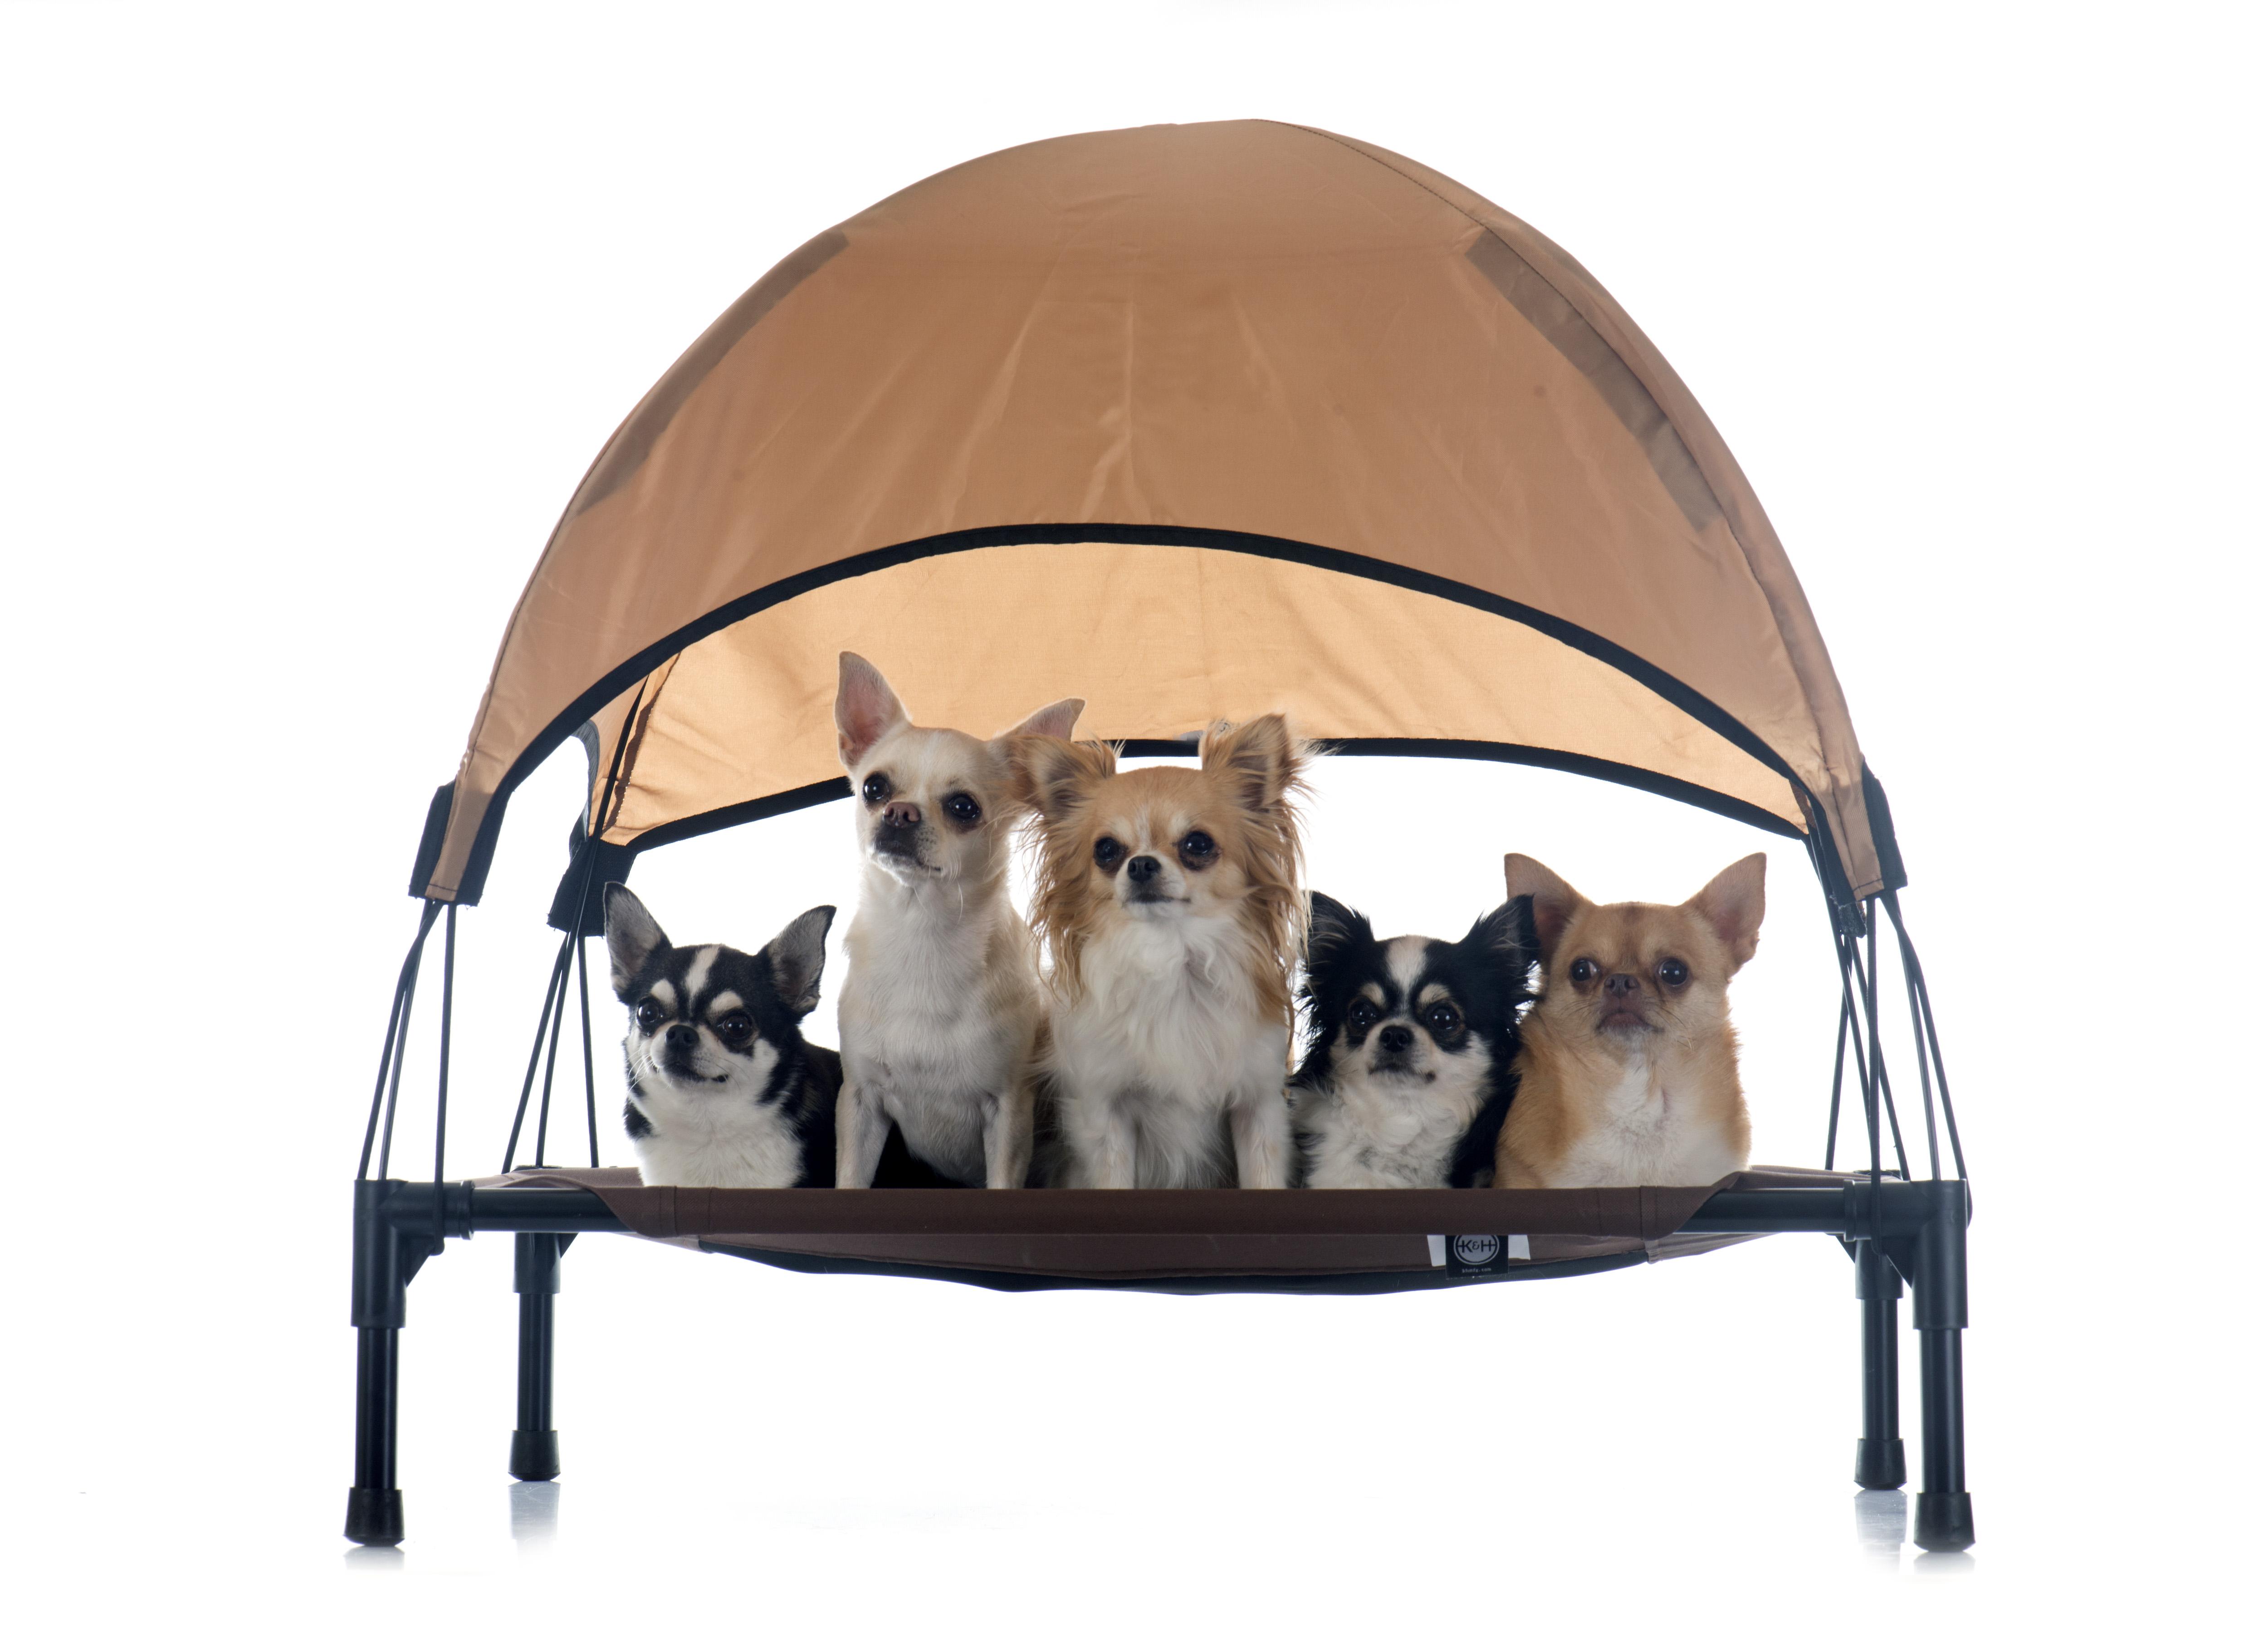 Chihuahuas auf einer Hundeliege mit Überdachung